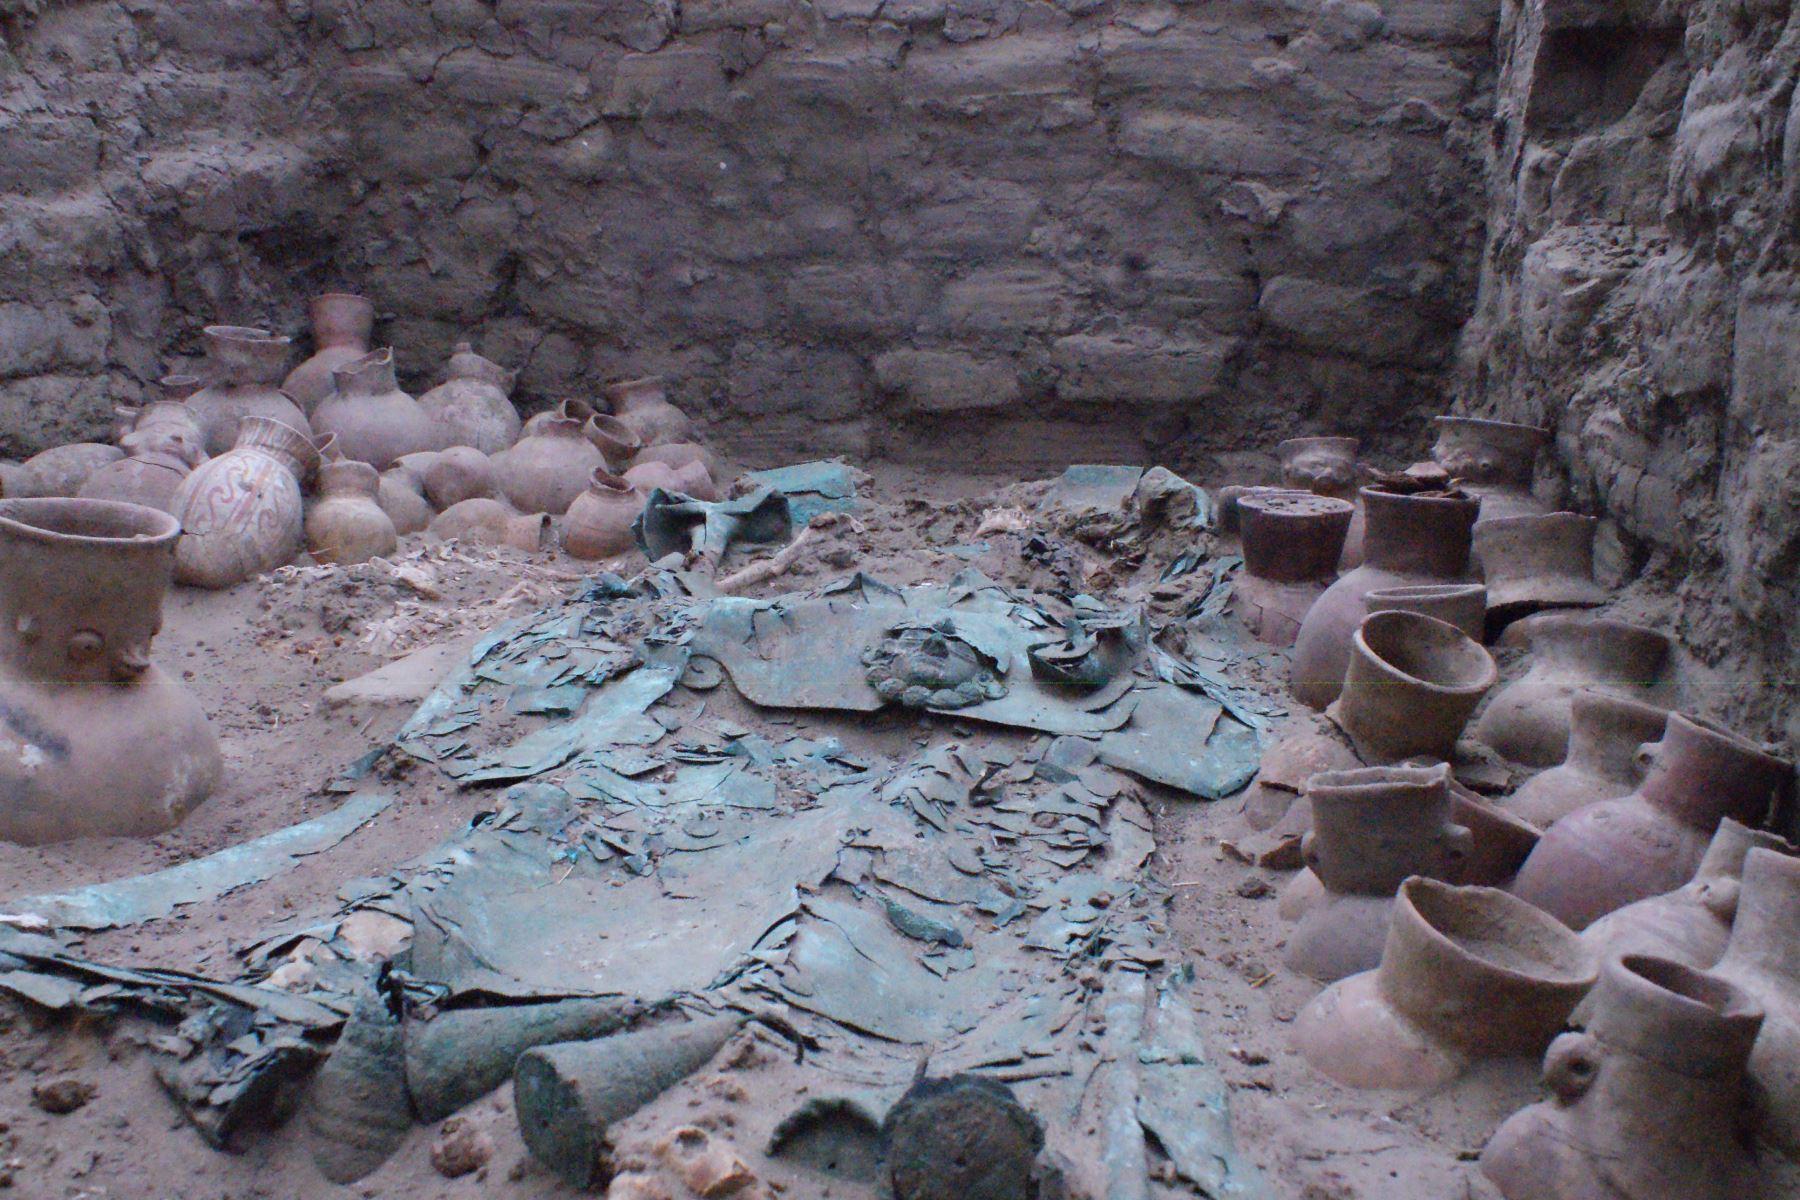 Especialistas del Museo Tumbas Reales de Sipán ejecutan conservación de ajuares funerarios hallados en Úcupe, en Lambayeque, afirmó Walter Alva. ANDINA/Difusión